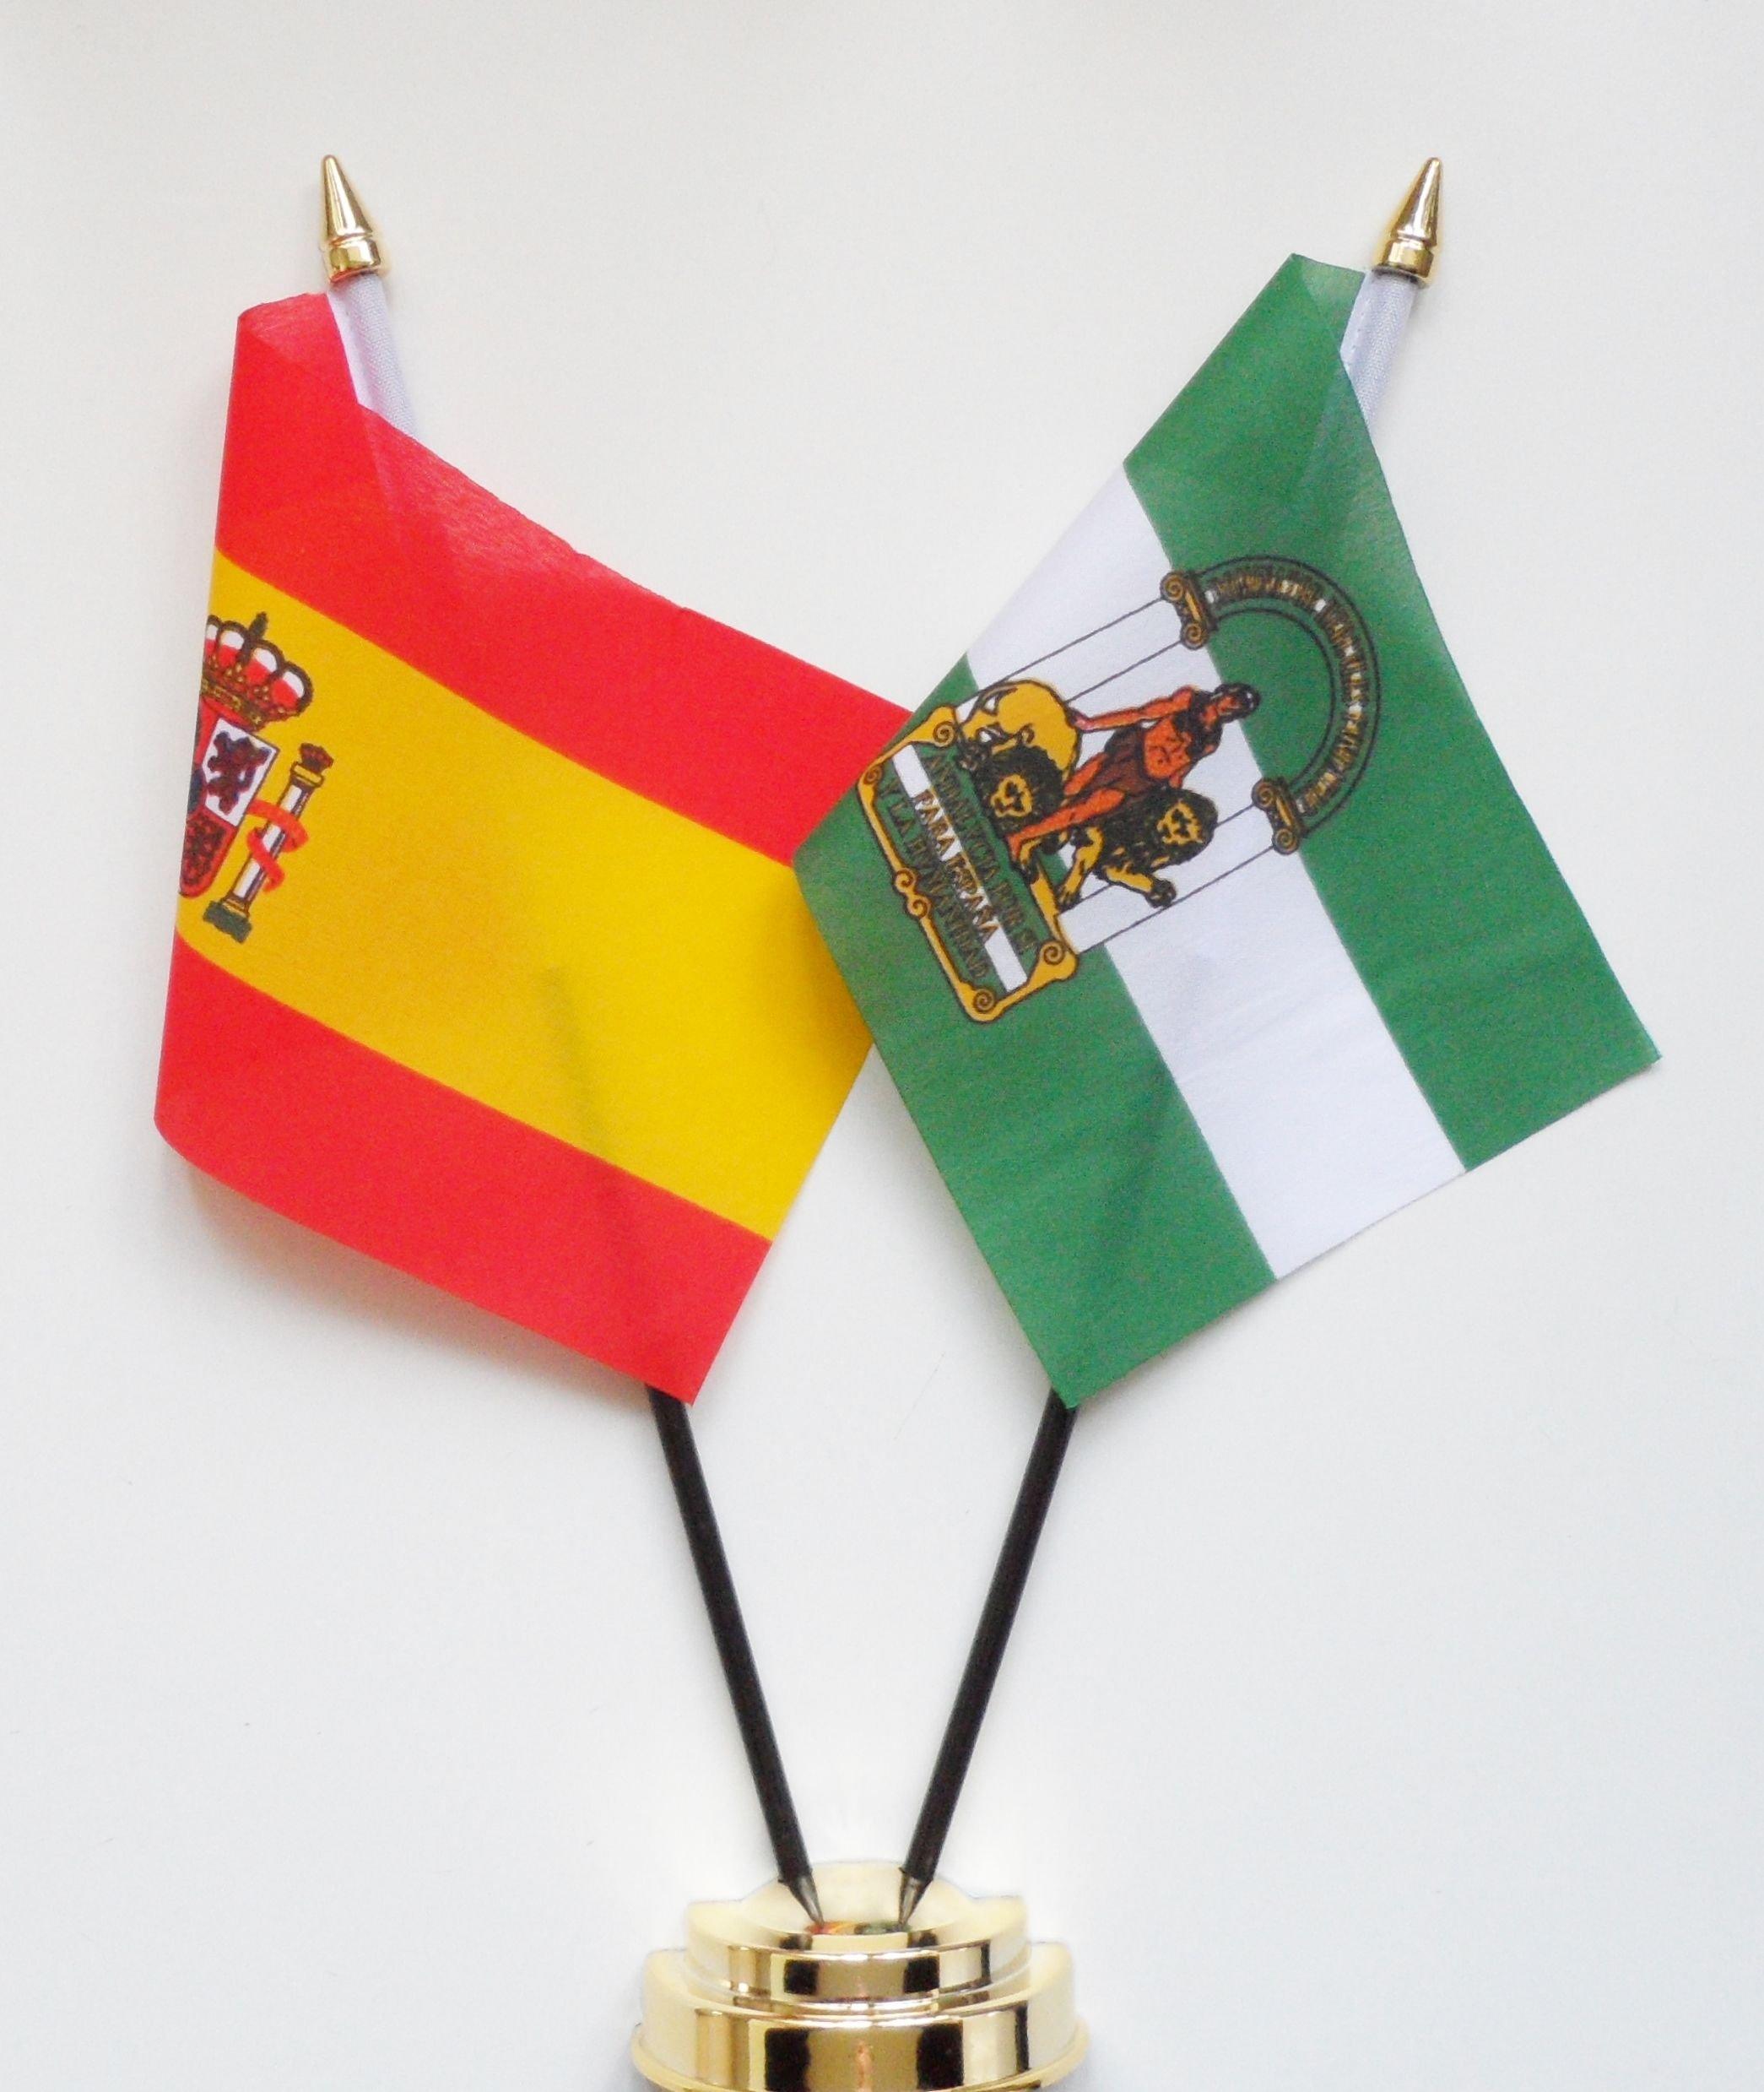 España y Andalucía amistad Bandera de mesa pantalla 25 cm (10